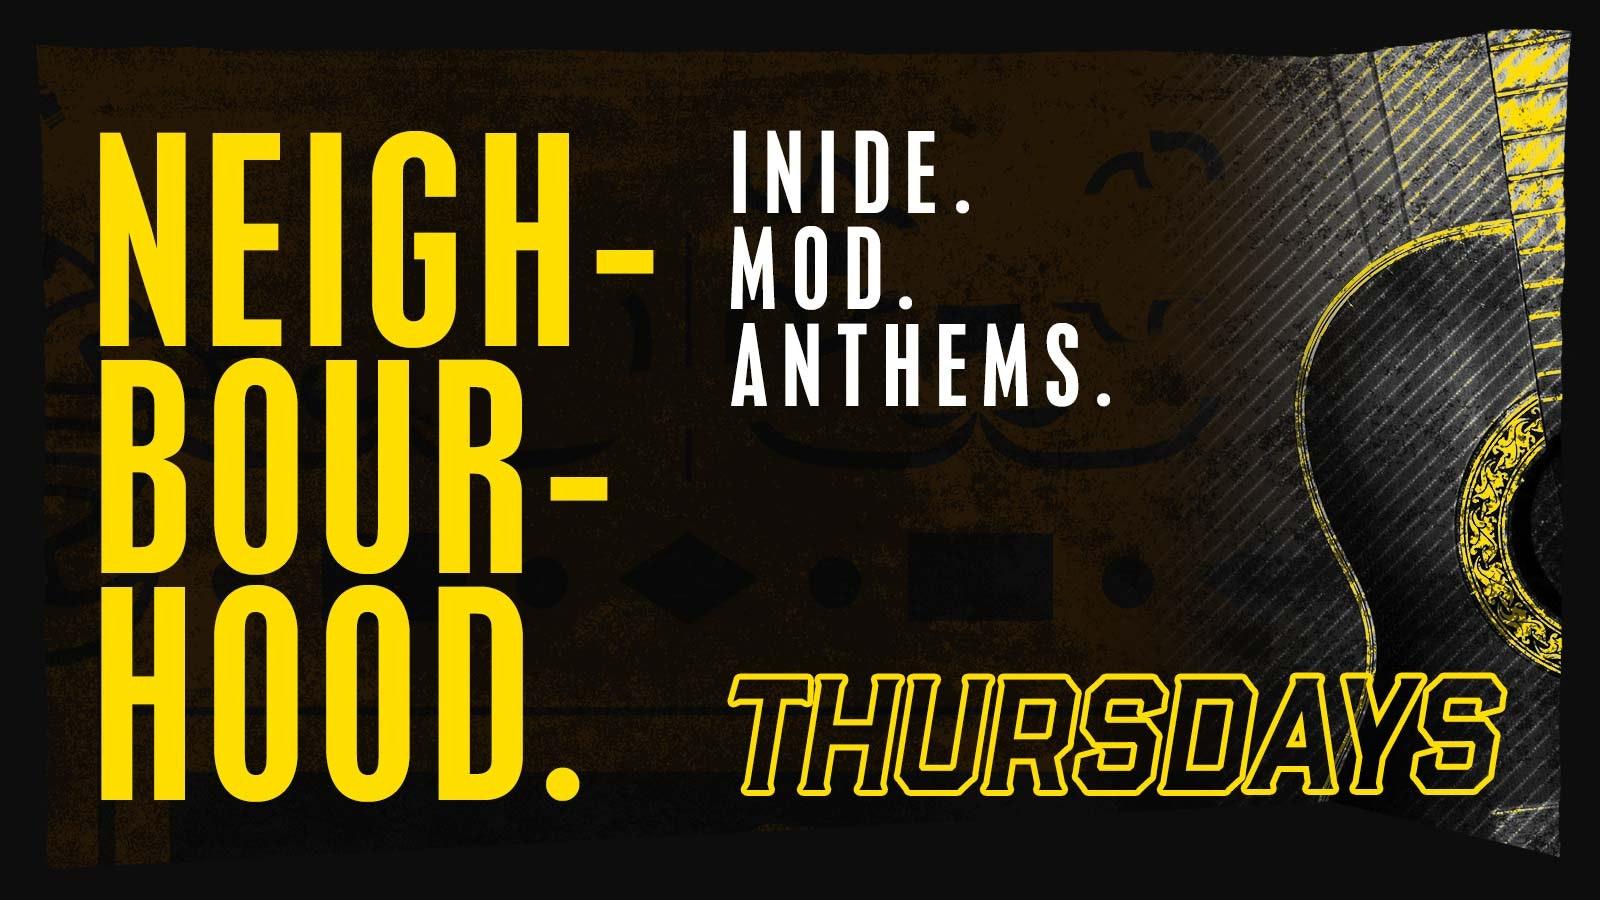 Thursday – Neigh-Bour-Hood